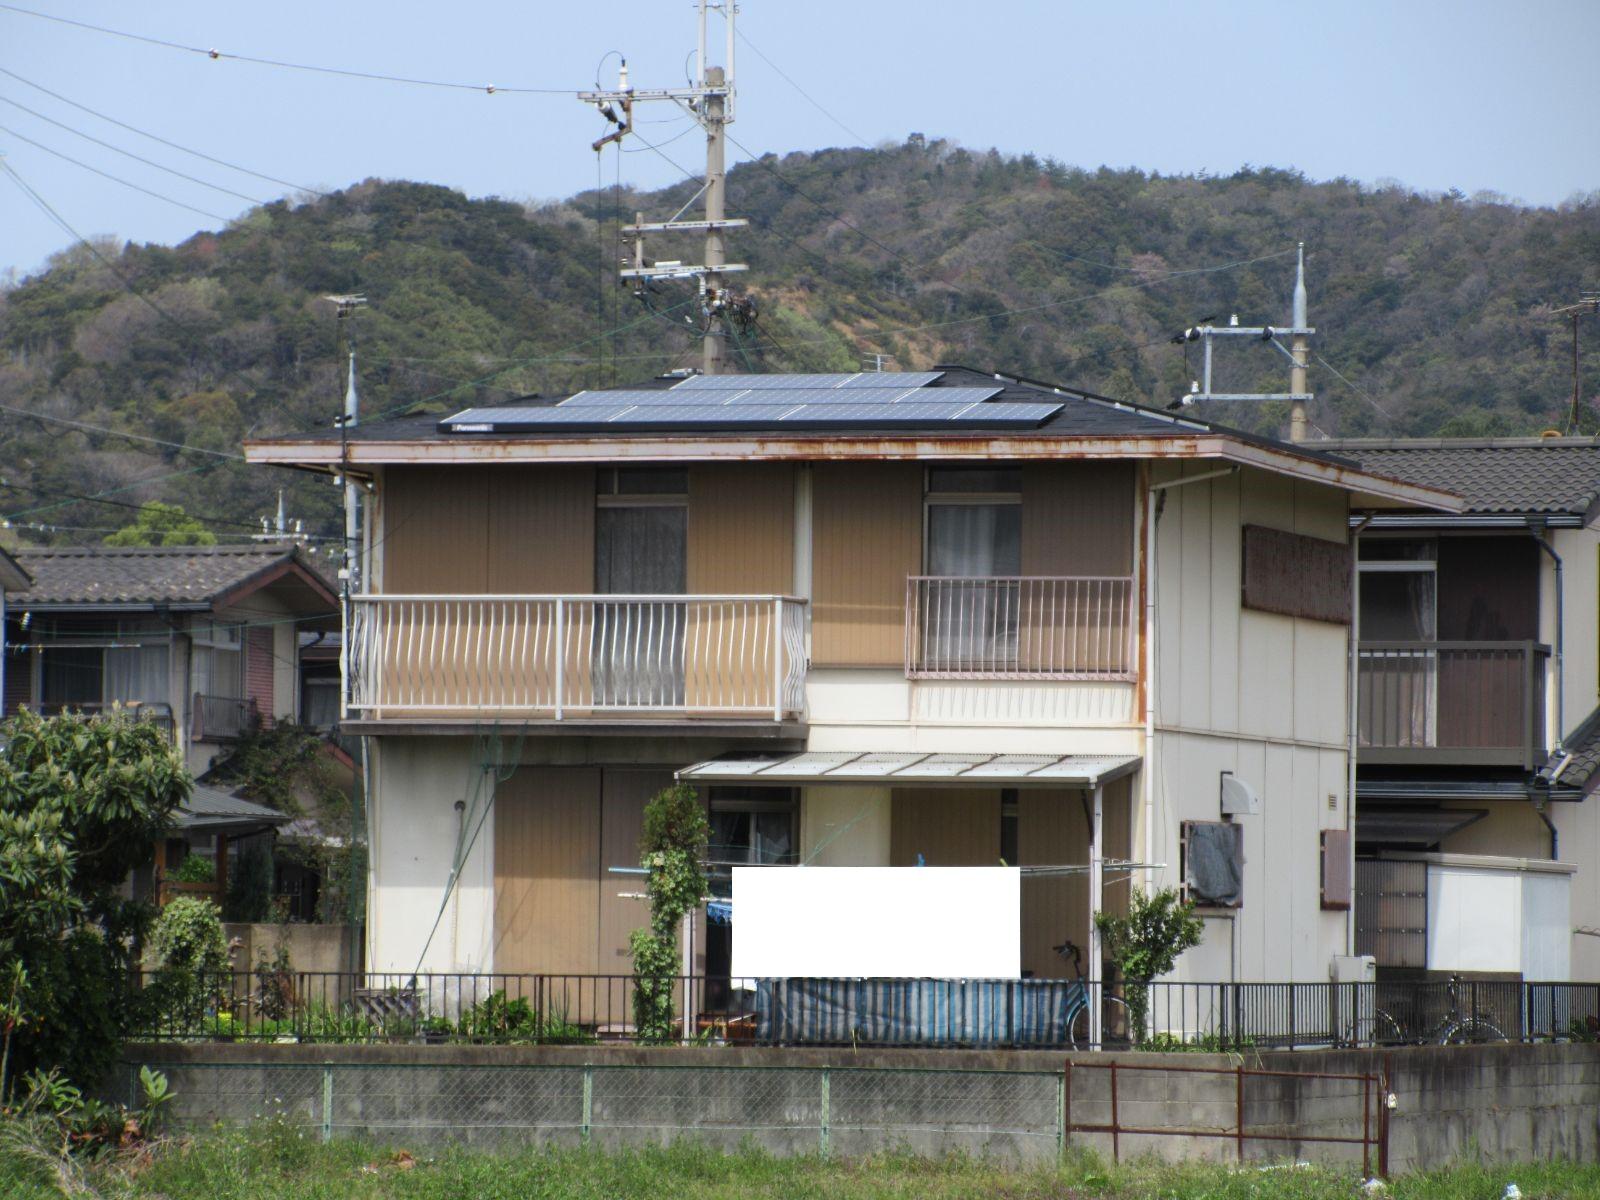 【和歌山市】T様邸 外壁・屋根塗装工事<br>『モダンに大変身♫新築のような美しさ✦』3